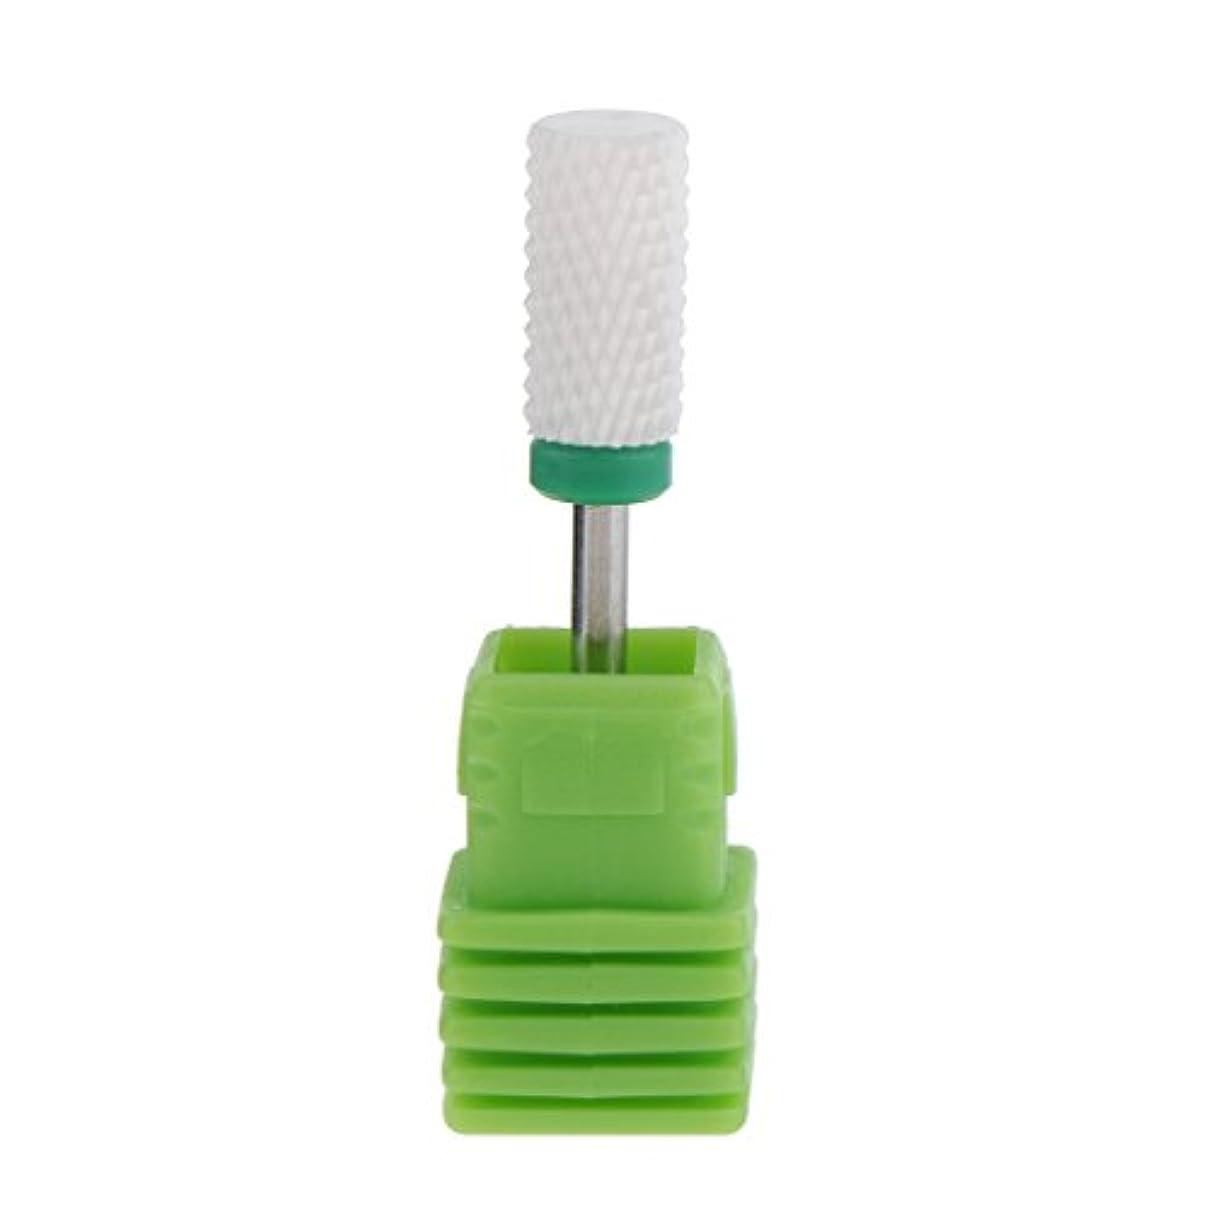 ベース責めるクラフト全6色 研磨ヘッド 電気ドリル ネイルアート ドリルビット マニキュア ペディキュア適用 - グリーン